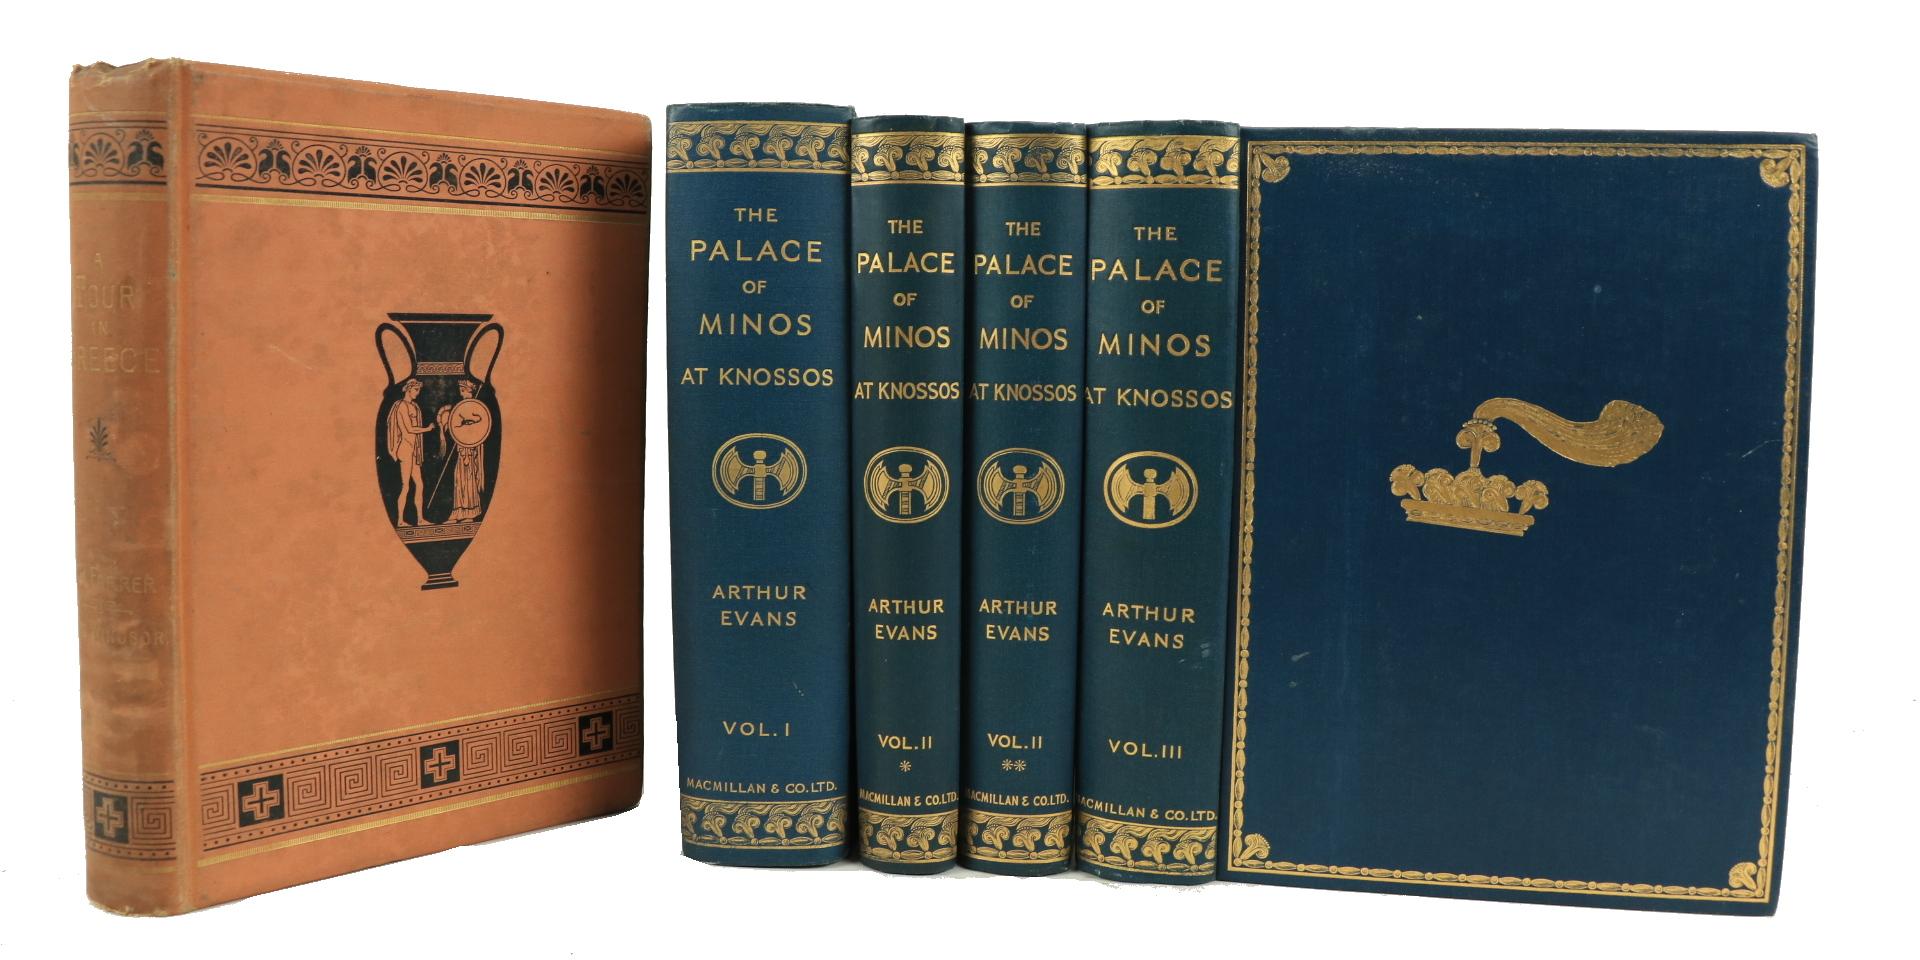 Evans (Sir Arthur)ÿThe Palaceÿof Minos,... at Knossos, Vols. 1 - 3, in 4 vols., 4to L. 1921 - 1930.